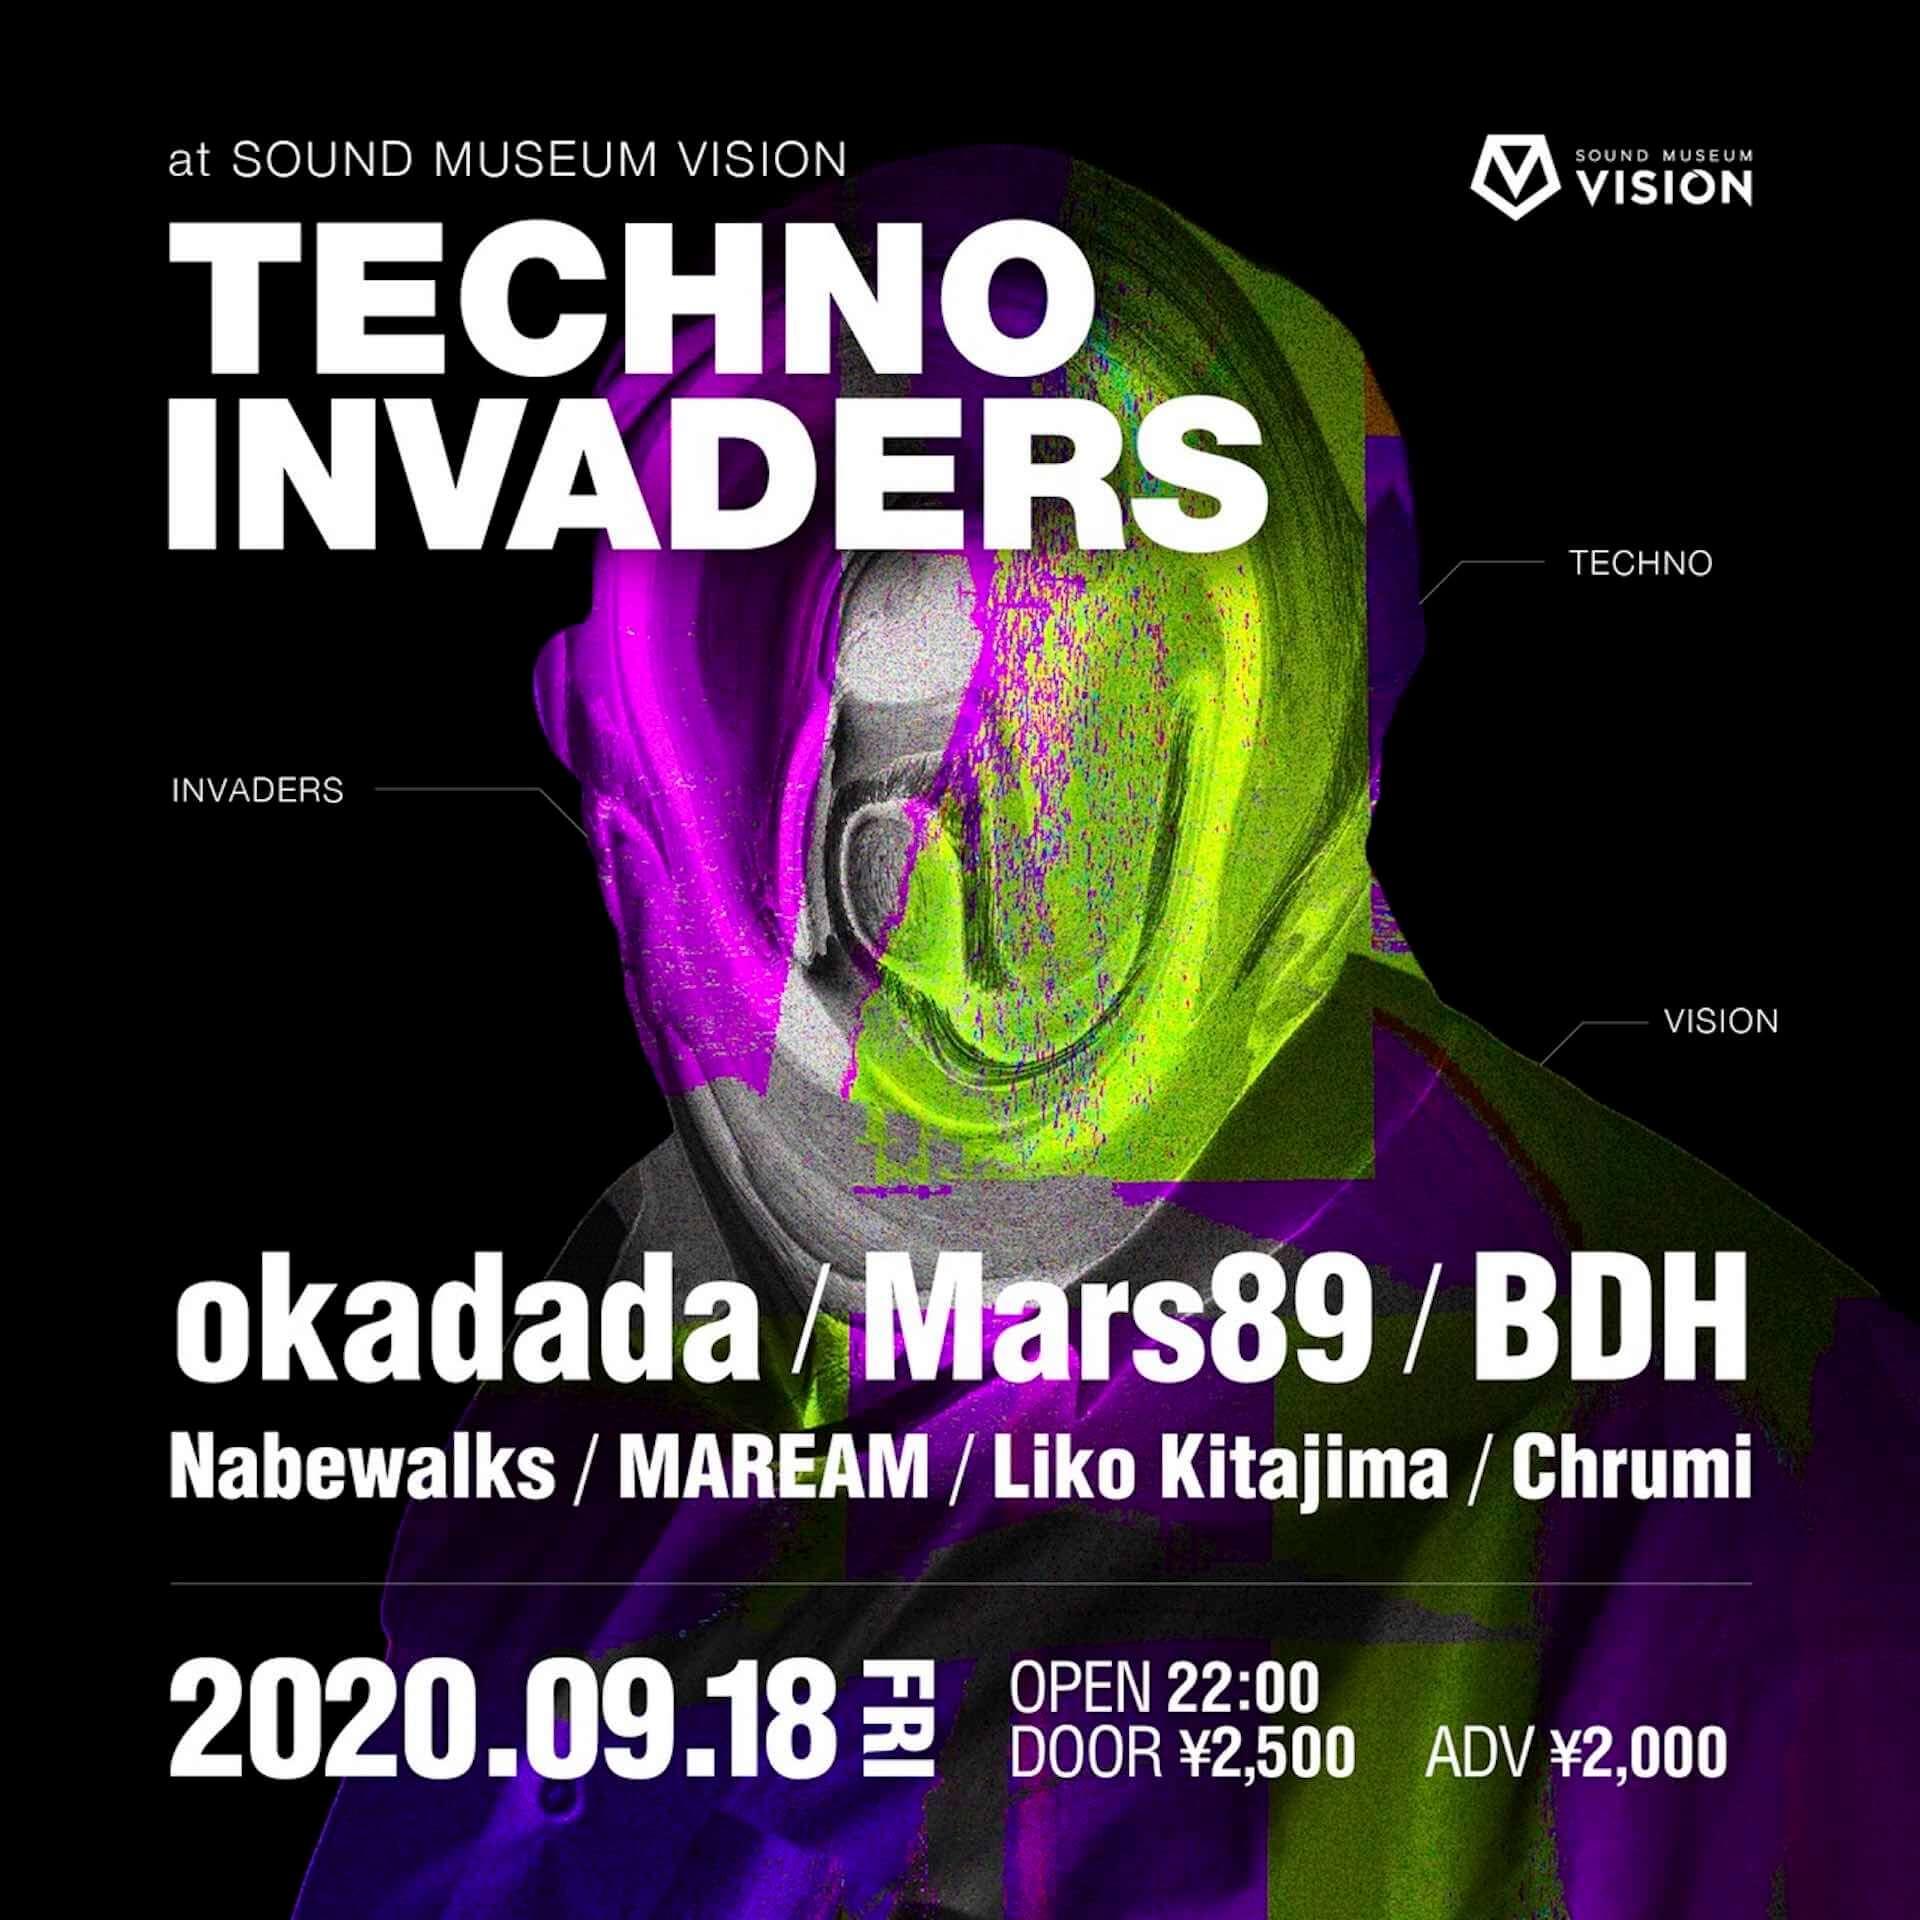 実験的テクノパーティ<TECHNO INVADERS>にokadada、Mars89、BDHらが出演決定!渋谷VISIONにて今週末開催 music200911_techno-invaders_2-1920x1920